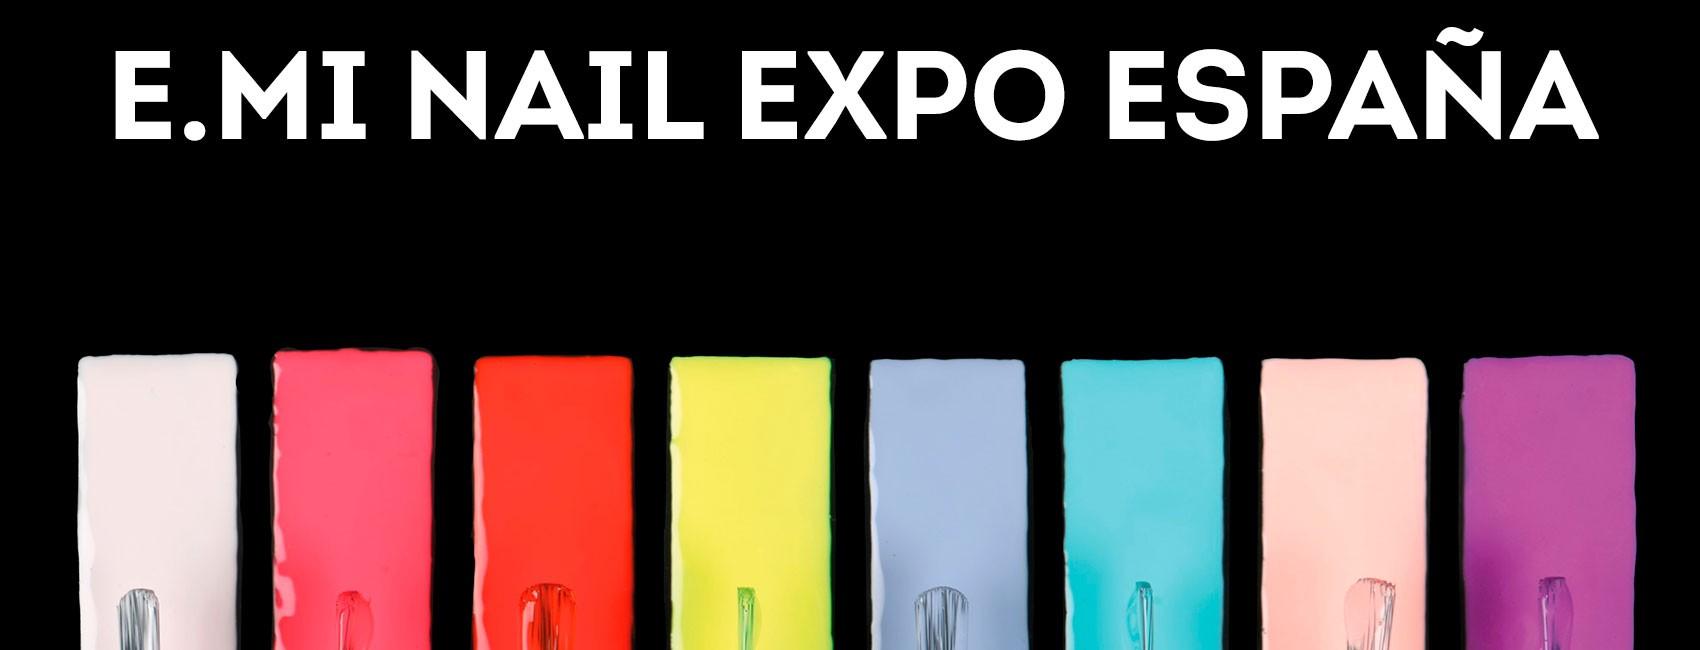 EMI EXPO ESPAÑA